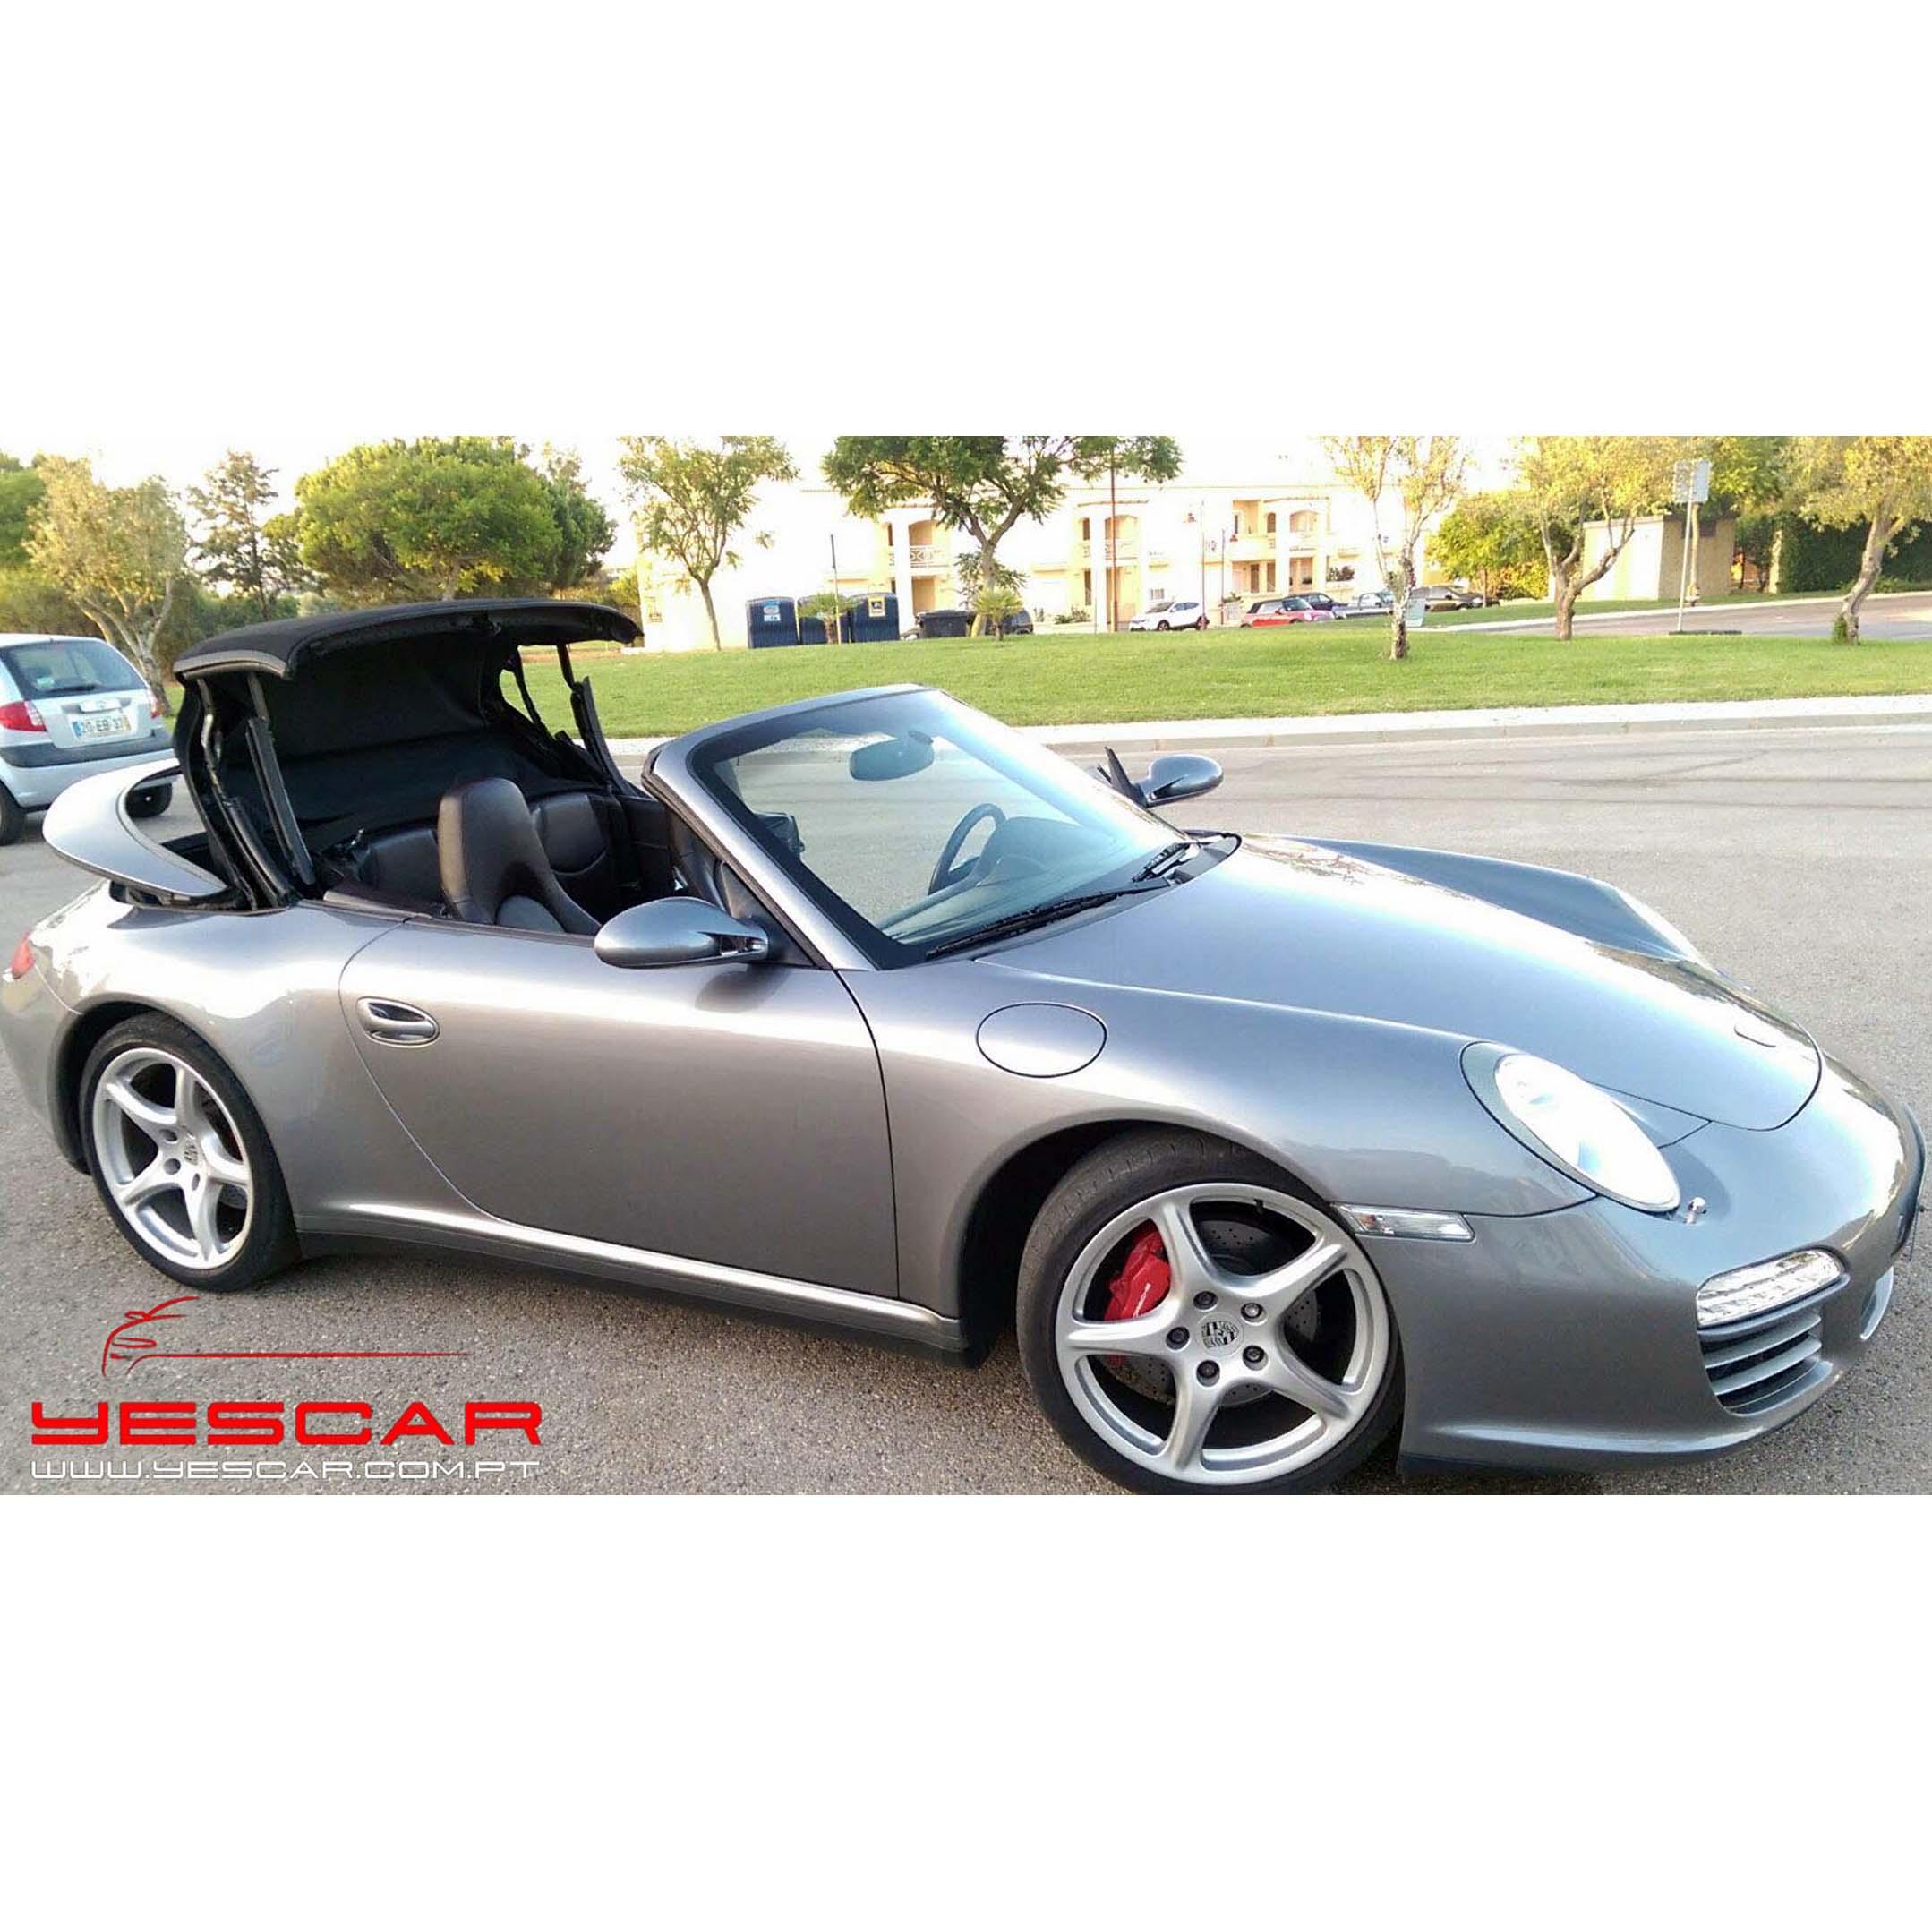 YESCAR_Porsche_911 (11)